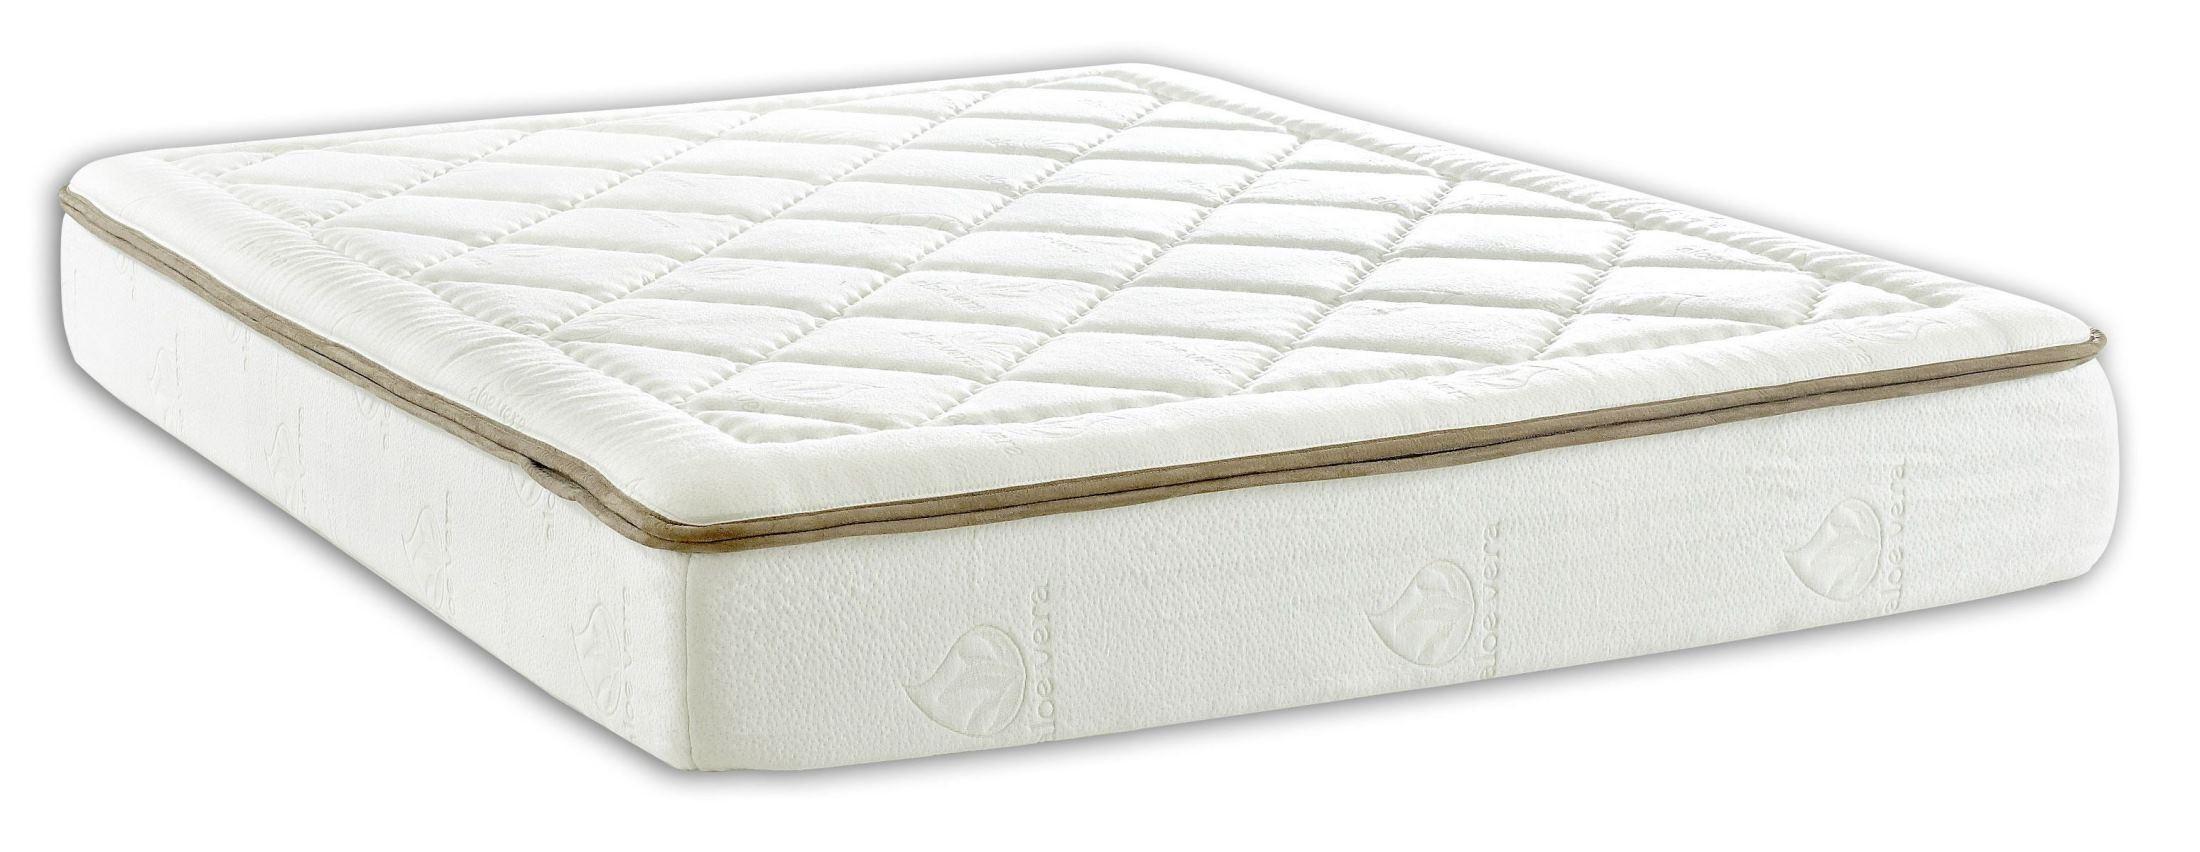 Dream Weaver 10 Memory Foam Queen Mattress From Klaussner Drmwvrqqmat Coleman Furniture